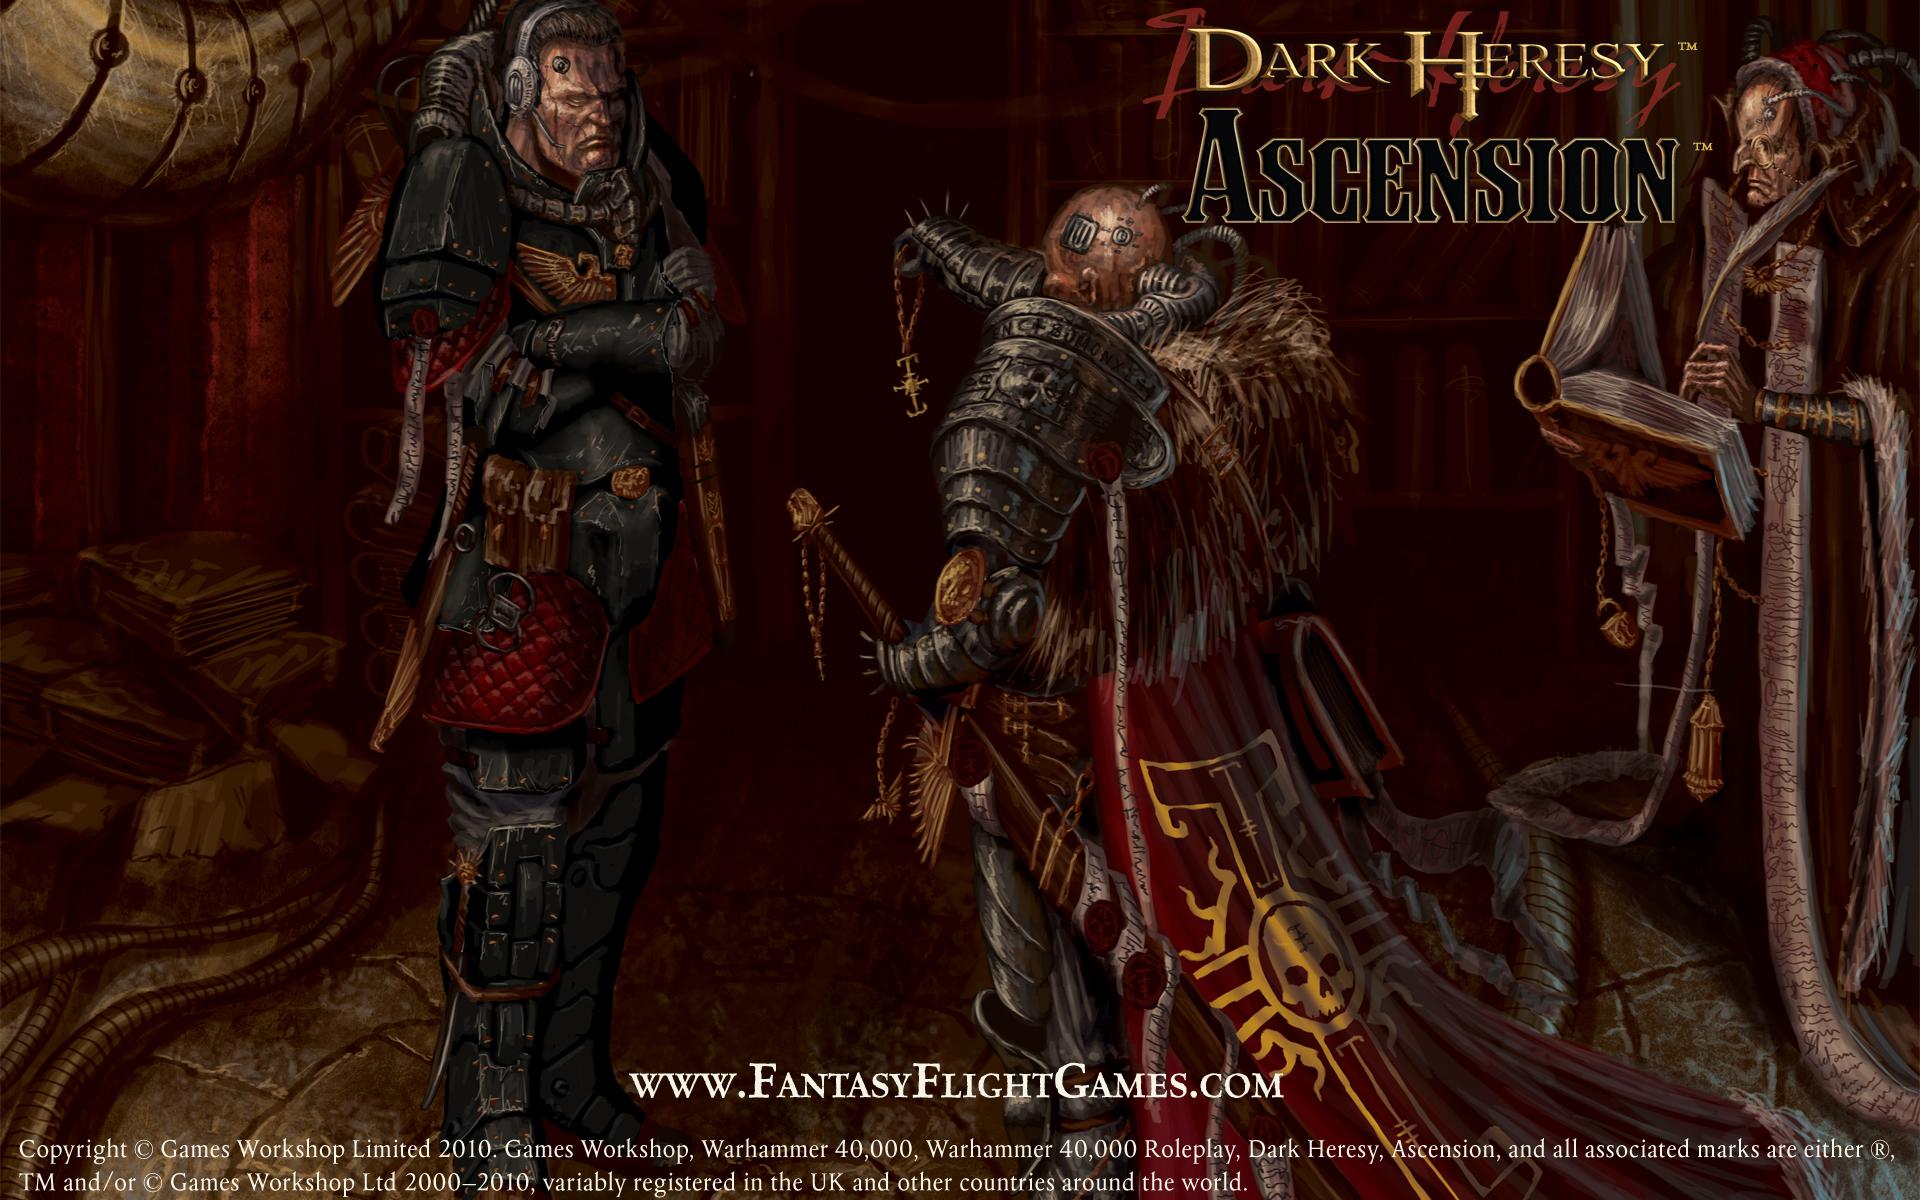 Dark Heresy Capítulo Segundo Comunidad Umbría Rol Por Web